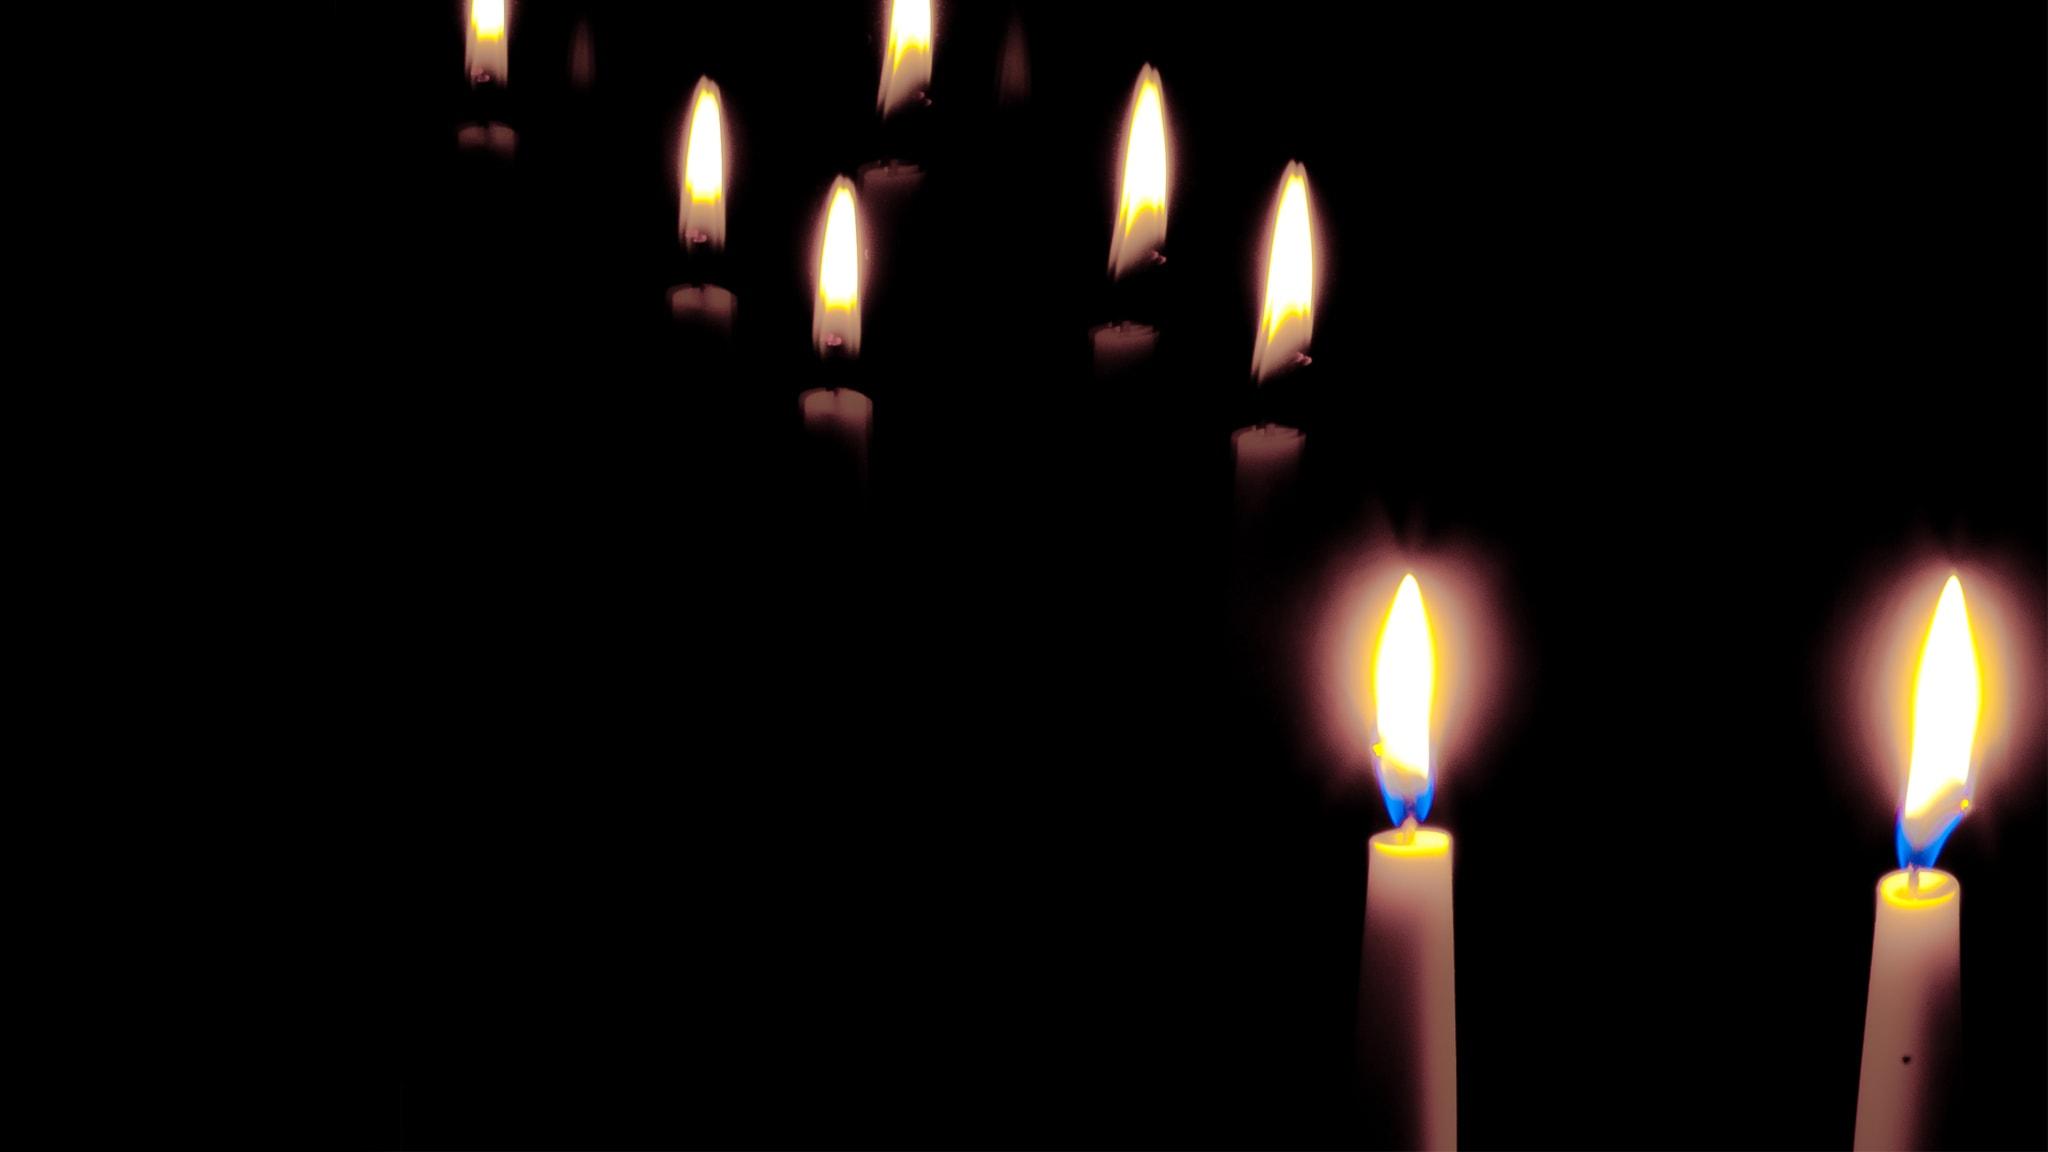 Mustilta kaduilta lämpimiin valoihin